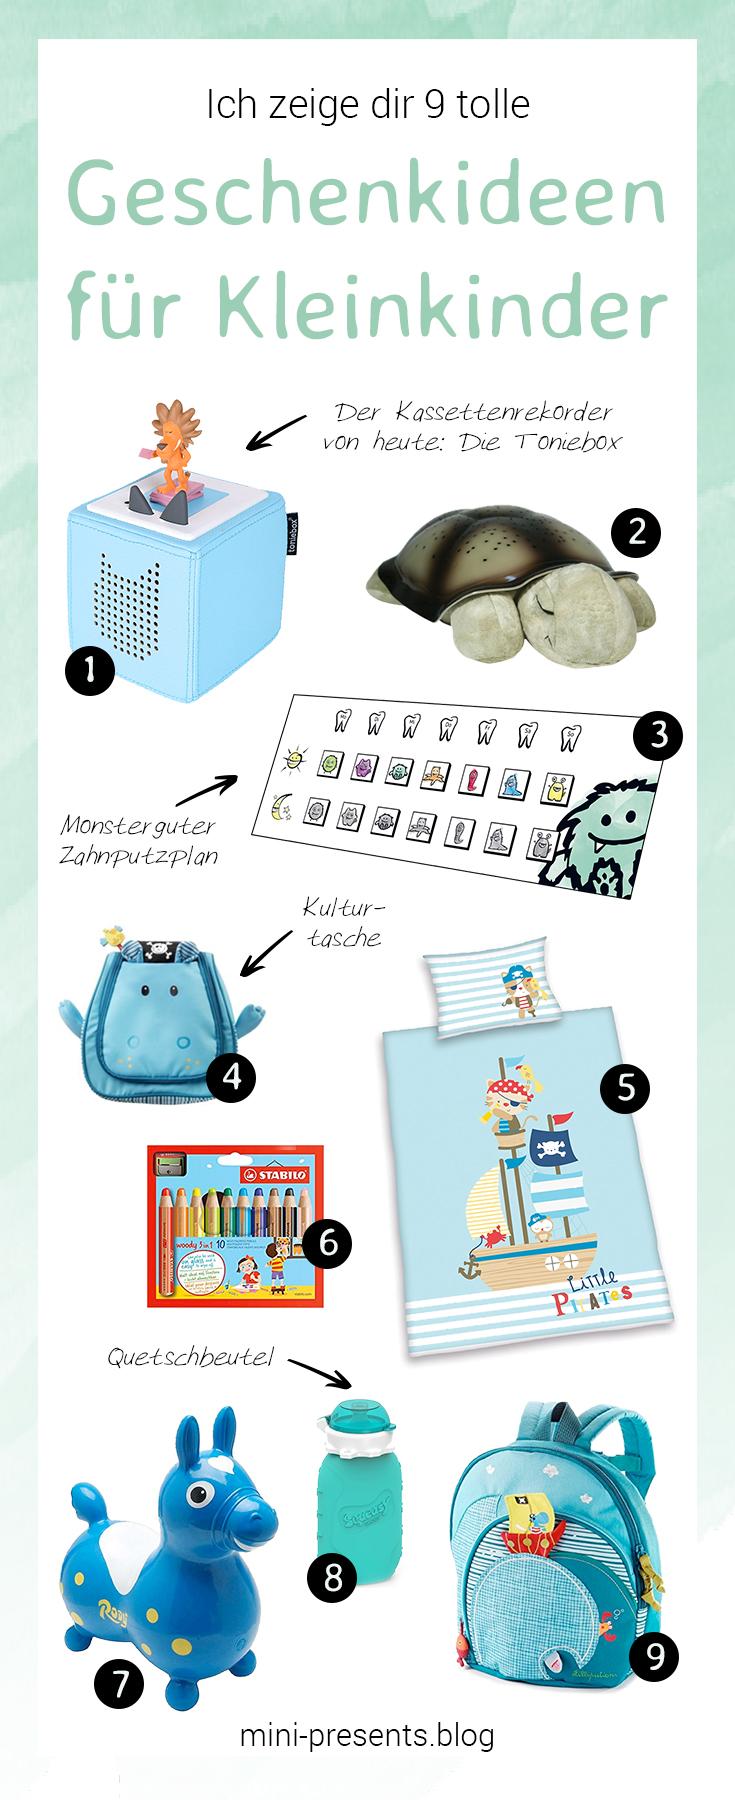 9 sch ne geschenkideen f r kleinkinder mini presents blog. Black Bedroom Furniture Sets. Home Design Ideas